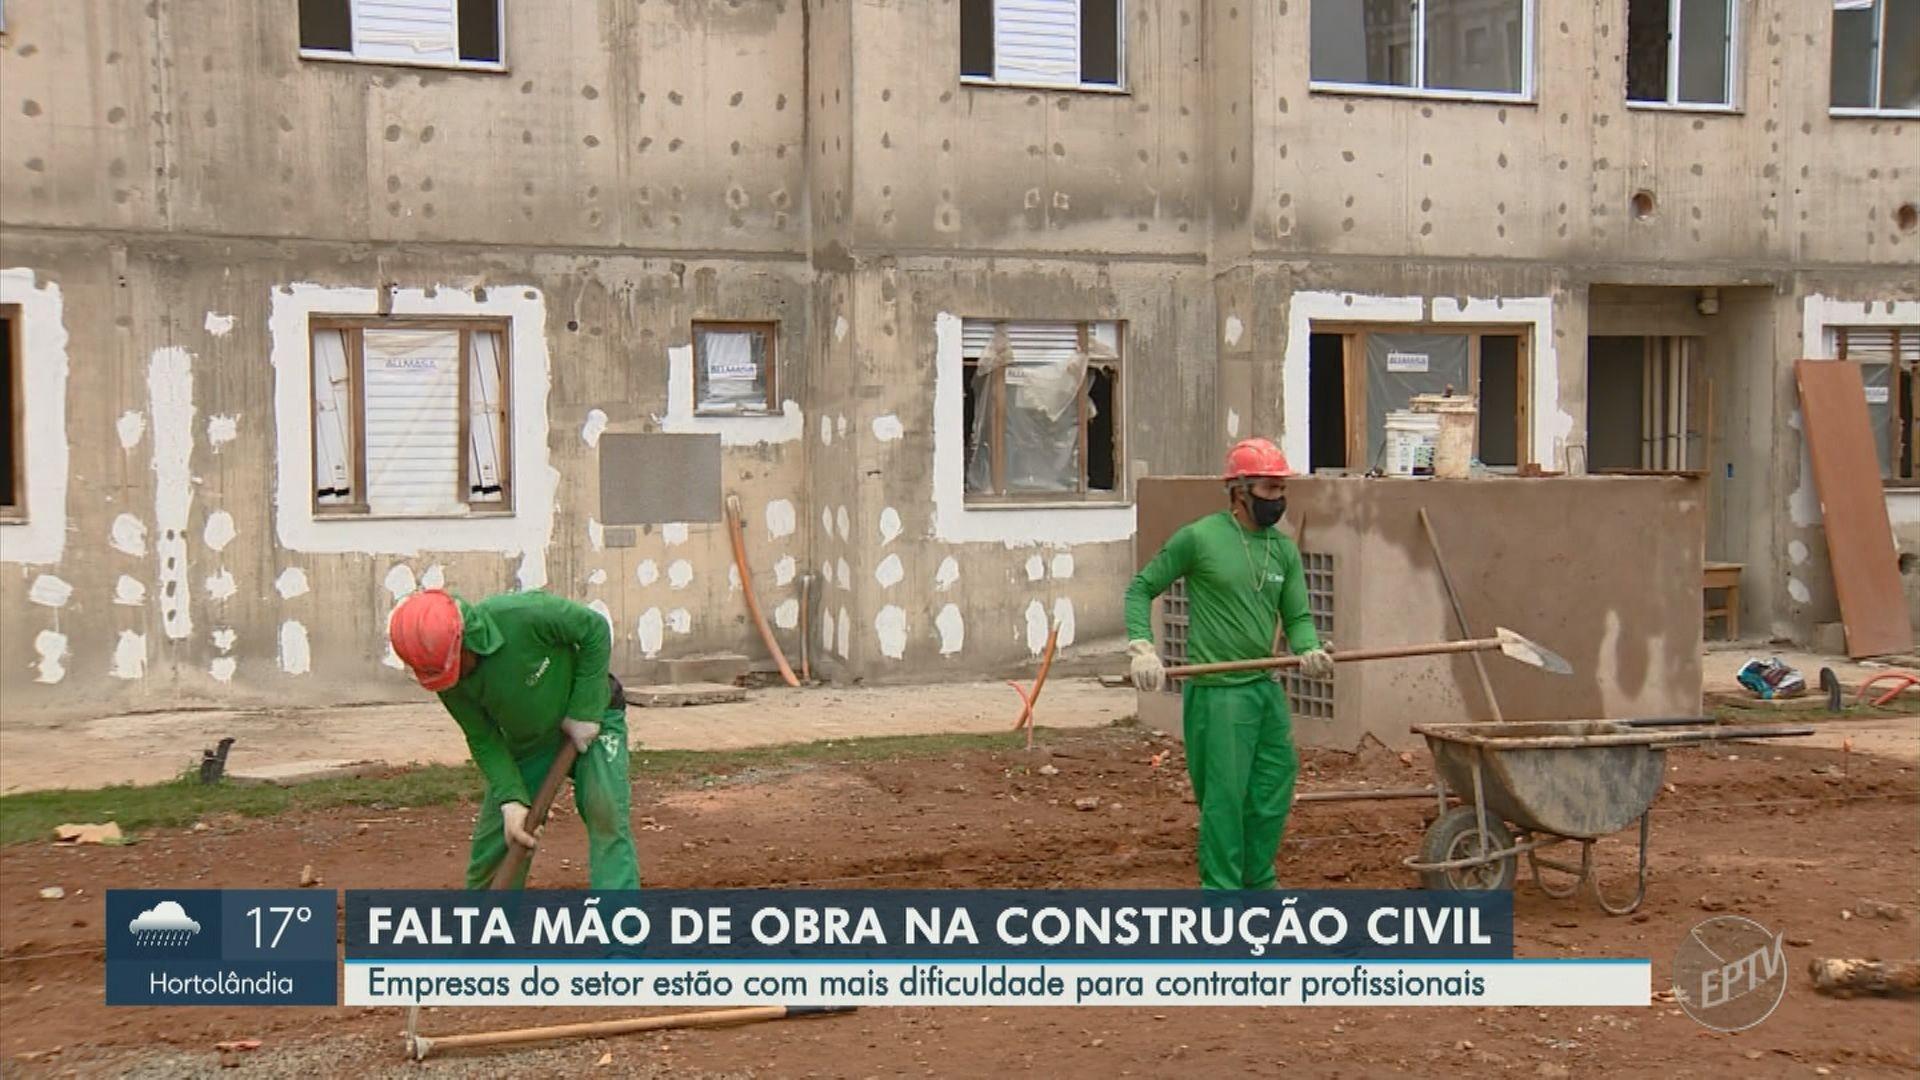 Pandemia cria 'novo mercado' para trabalhadores da construção civil e grandes obras relatam falta de mão de obra na região de Campinas